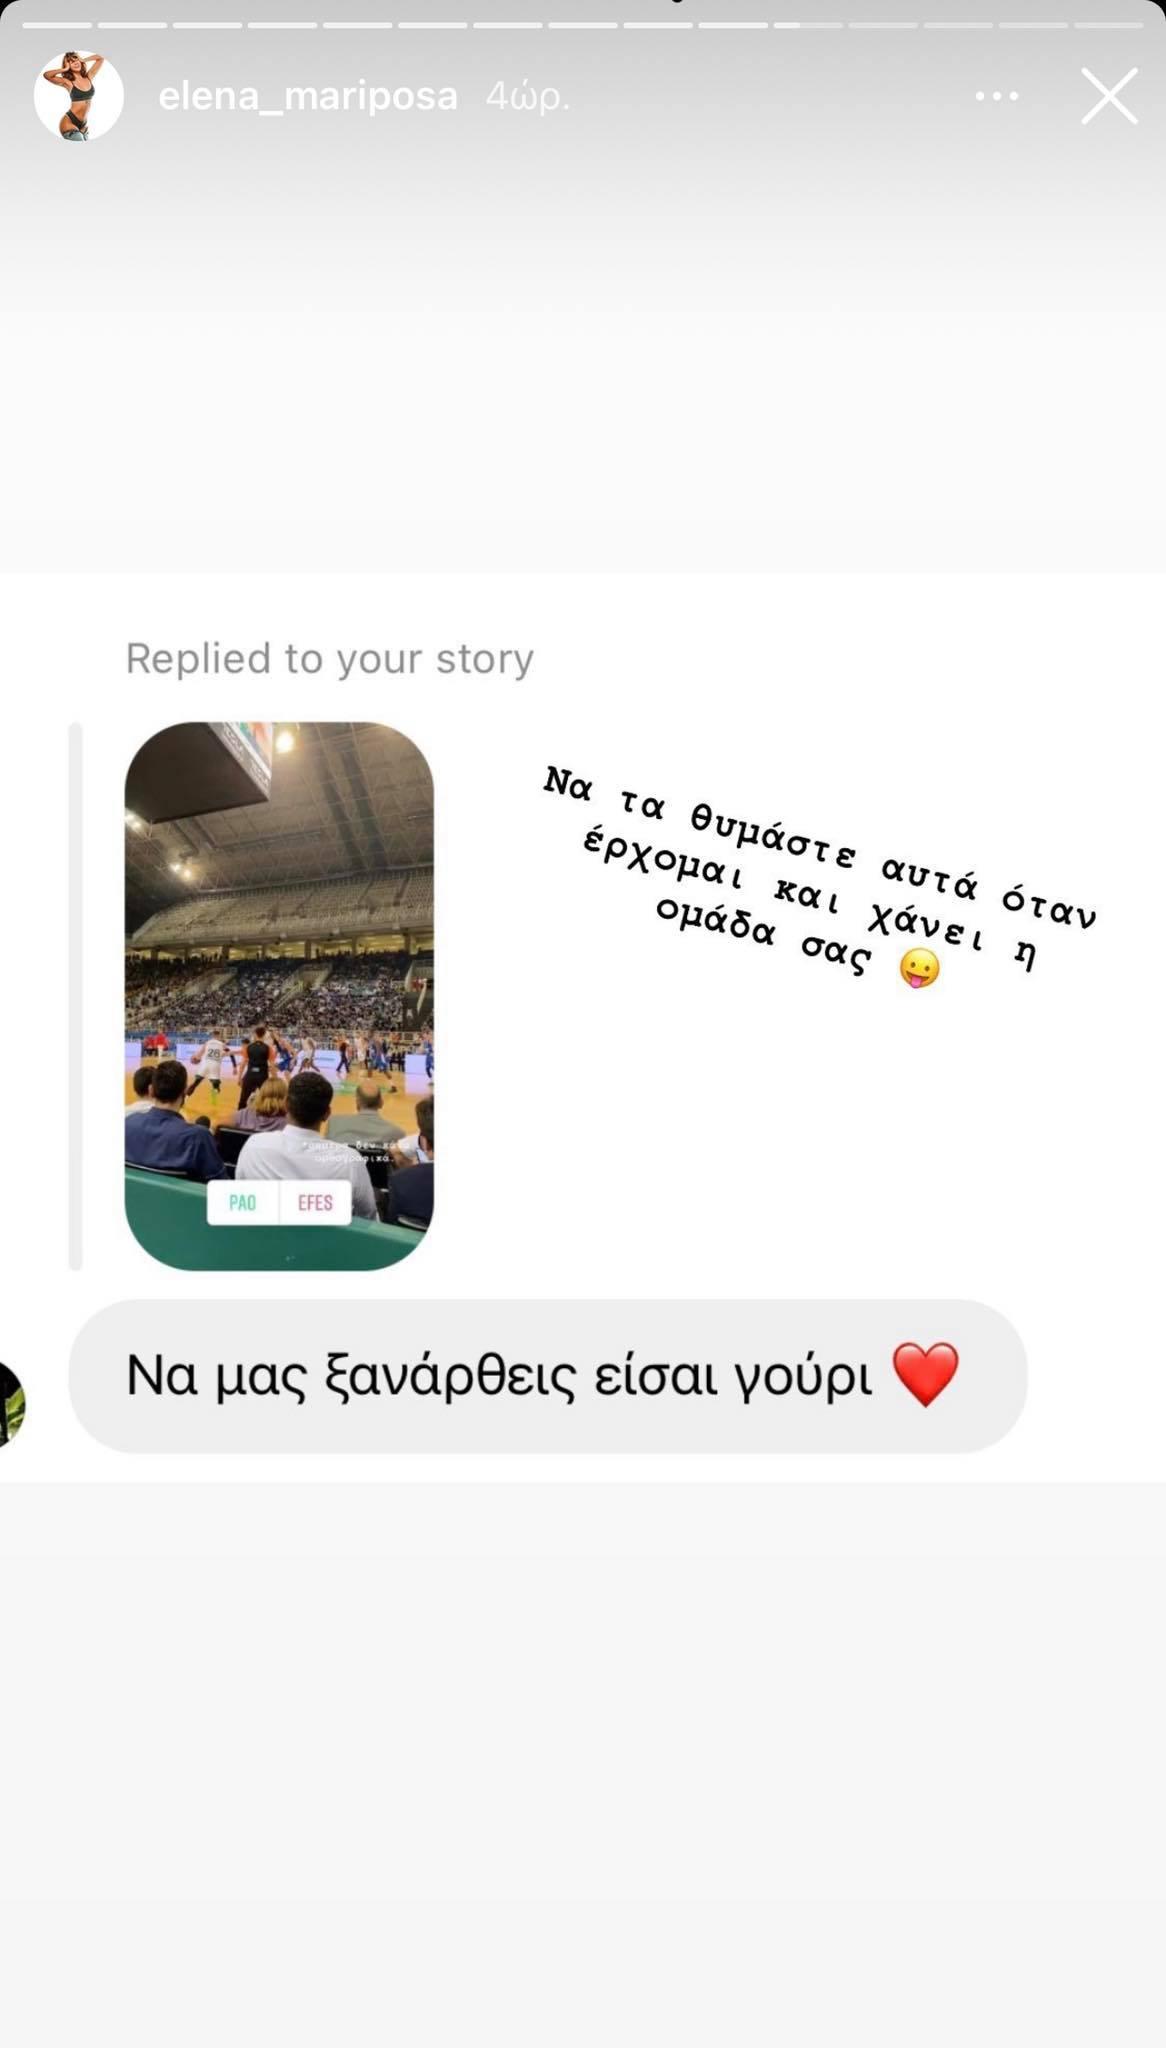 Η Μαριπόζα αποκάλυψε μήνυμα οπαδού του ΠΑΟ, που της ζήτησε να... (pic)